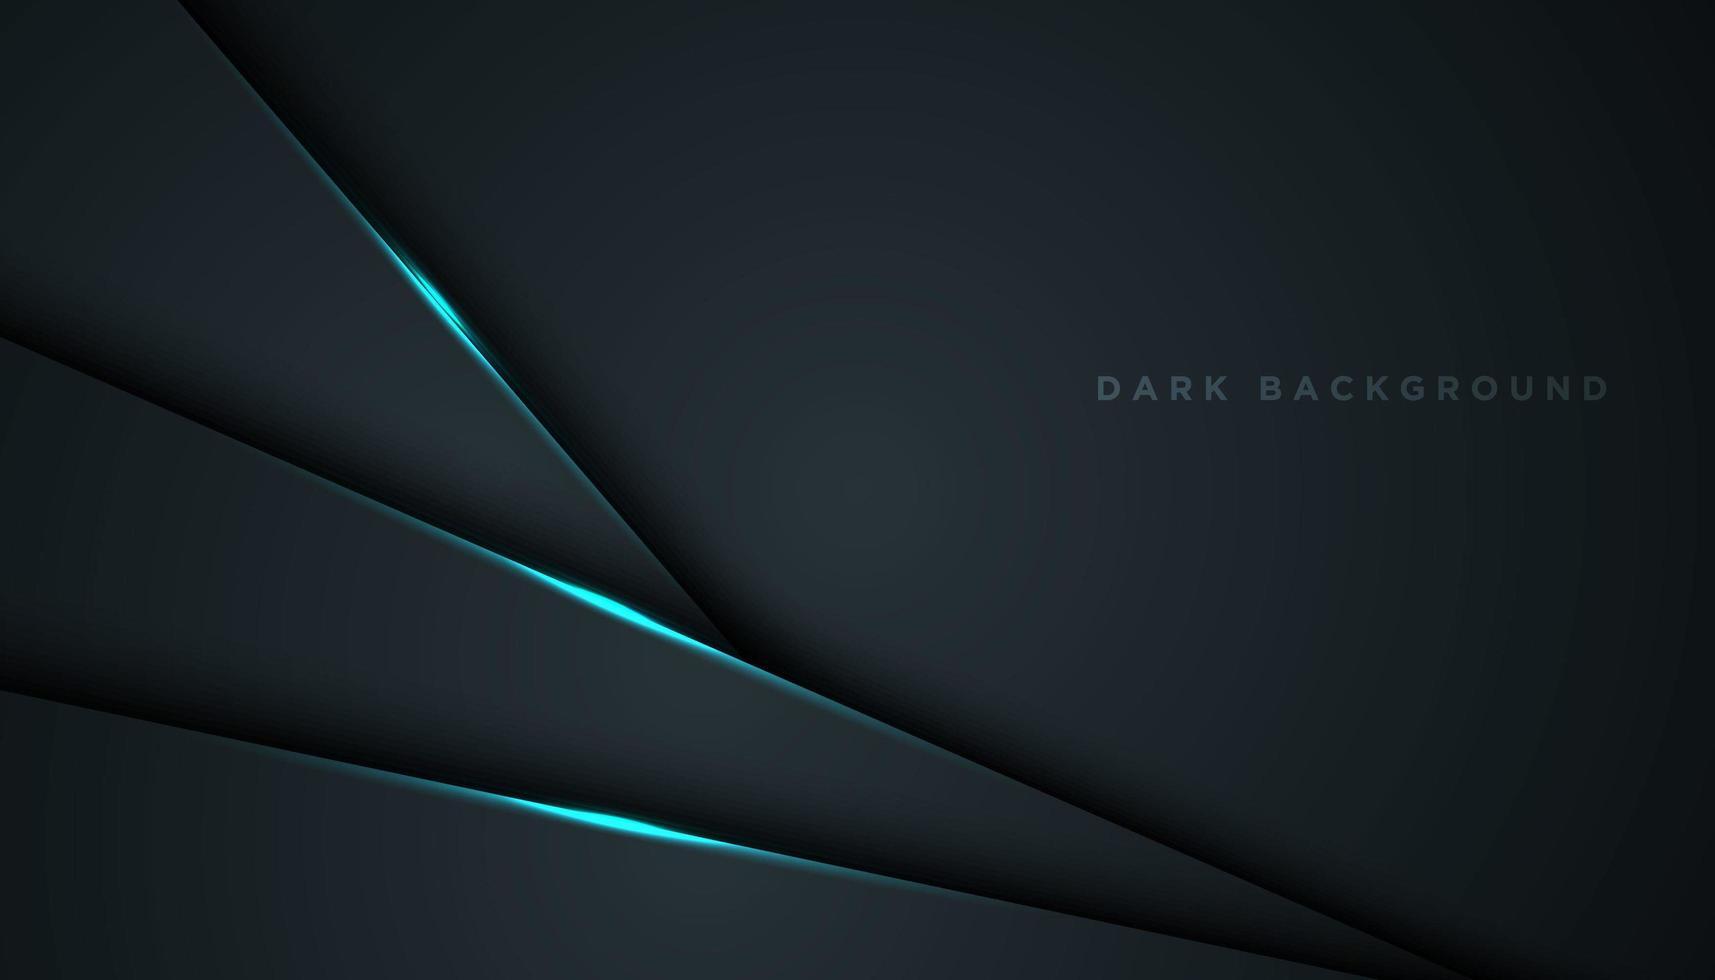 Fondo negro abstracto con brillantes capas diagonales azules vector